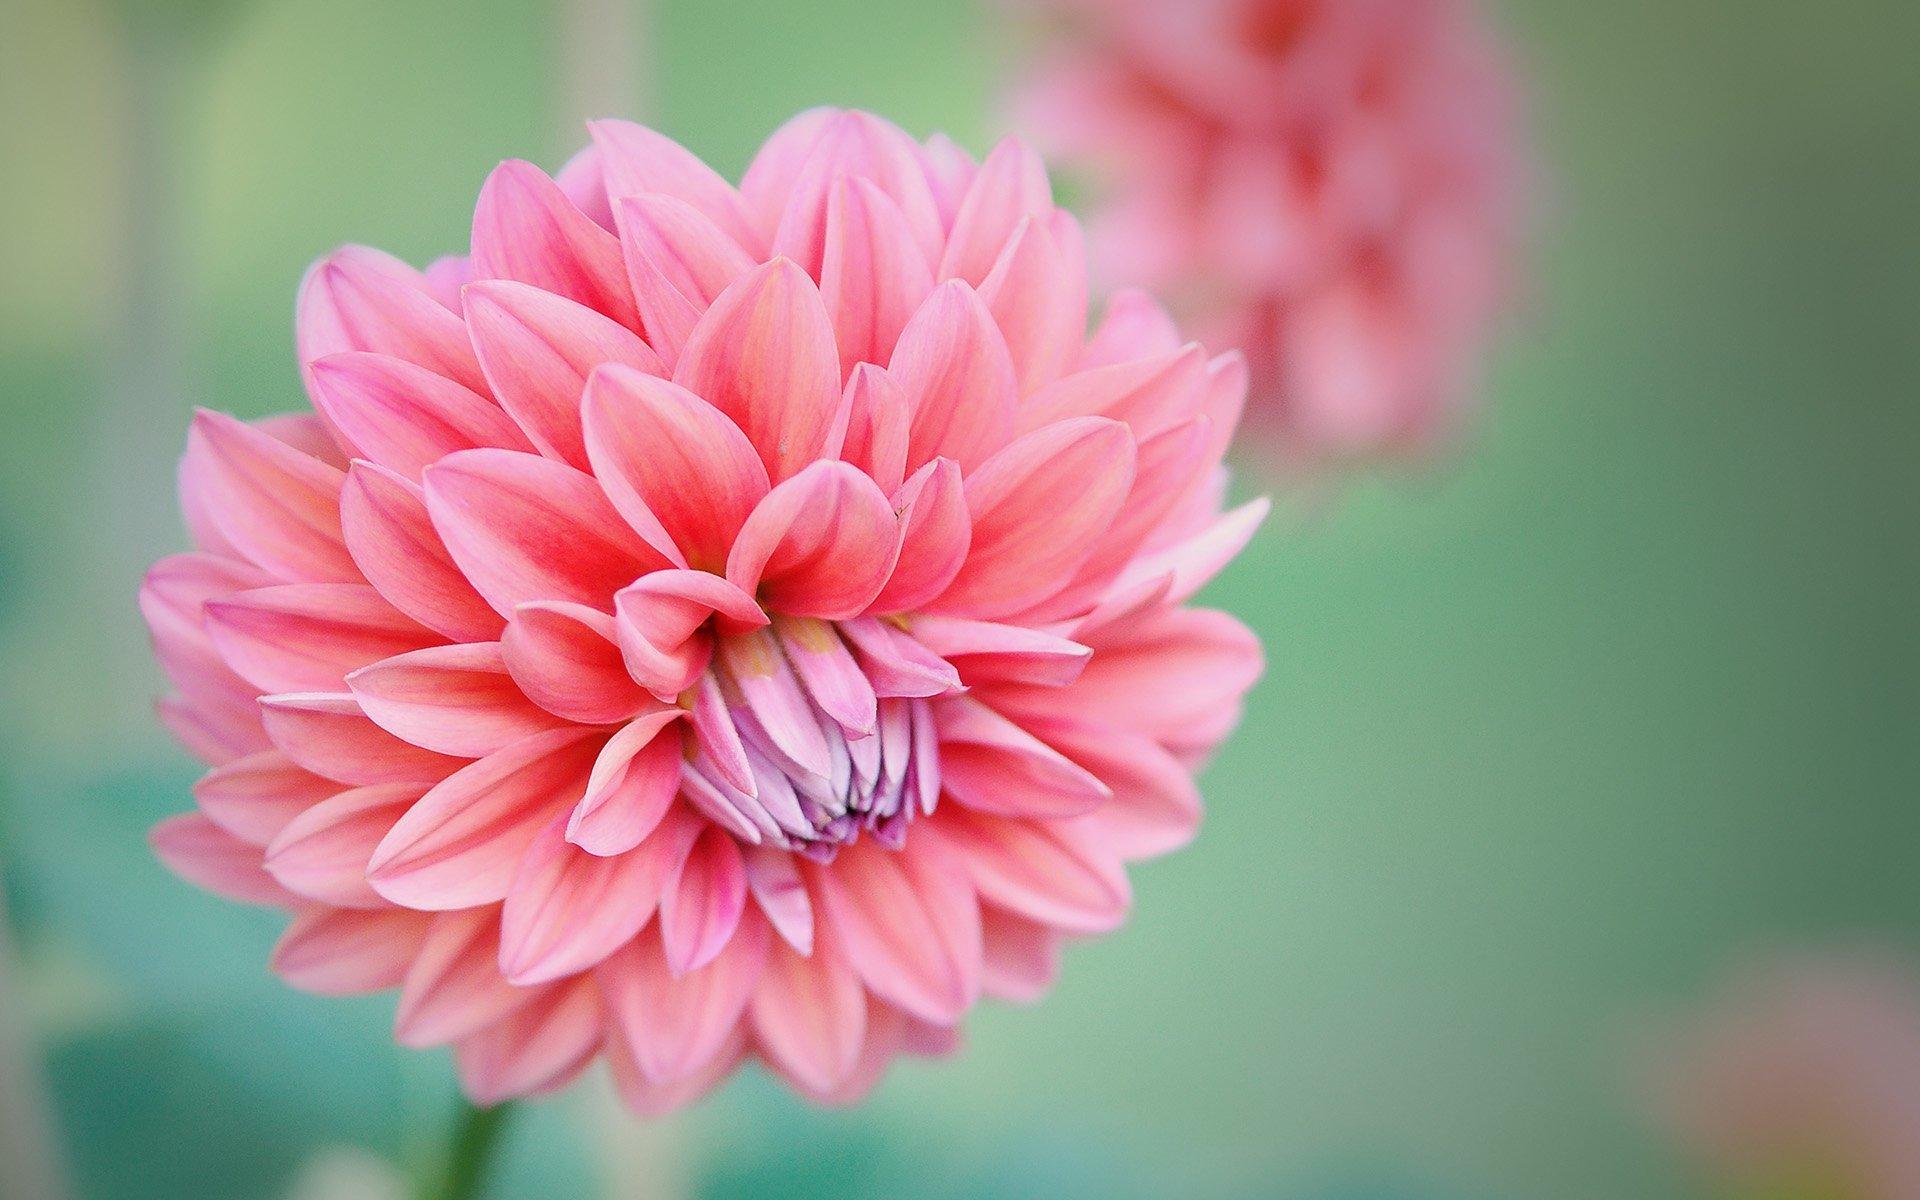 açık pembe yıldız çiçeği